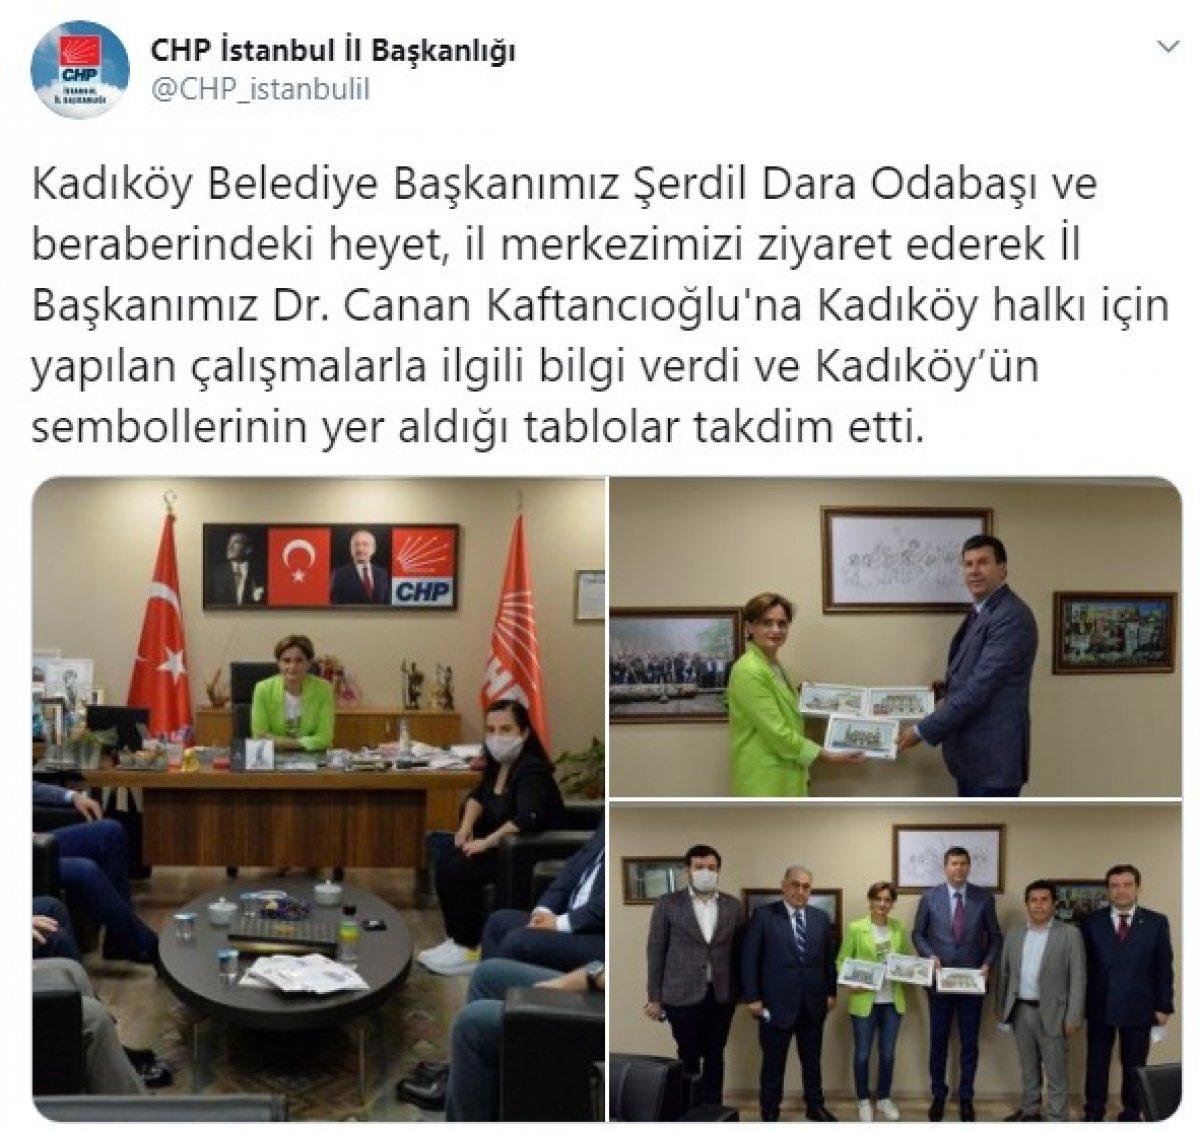 CHP İstanbul İl Başkanlığı Atatürk fotoğraflı paylaşımı sildi #2